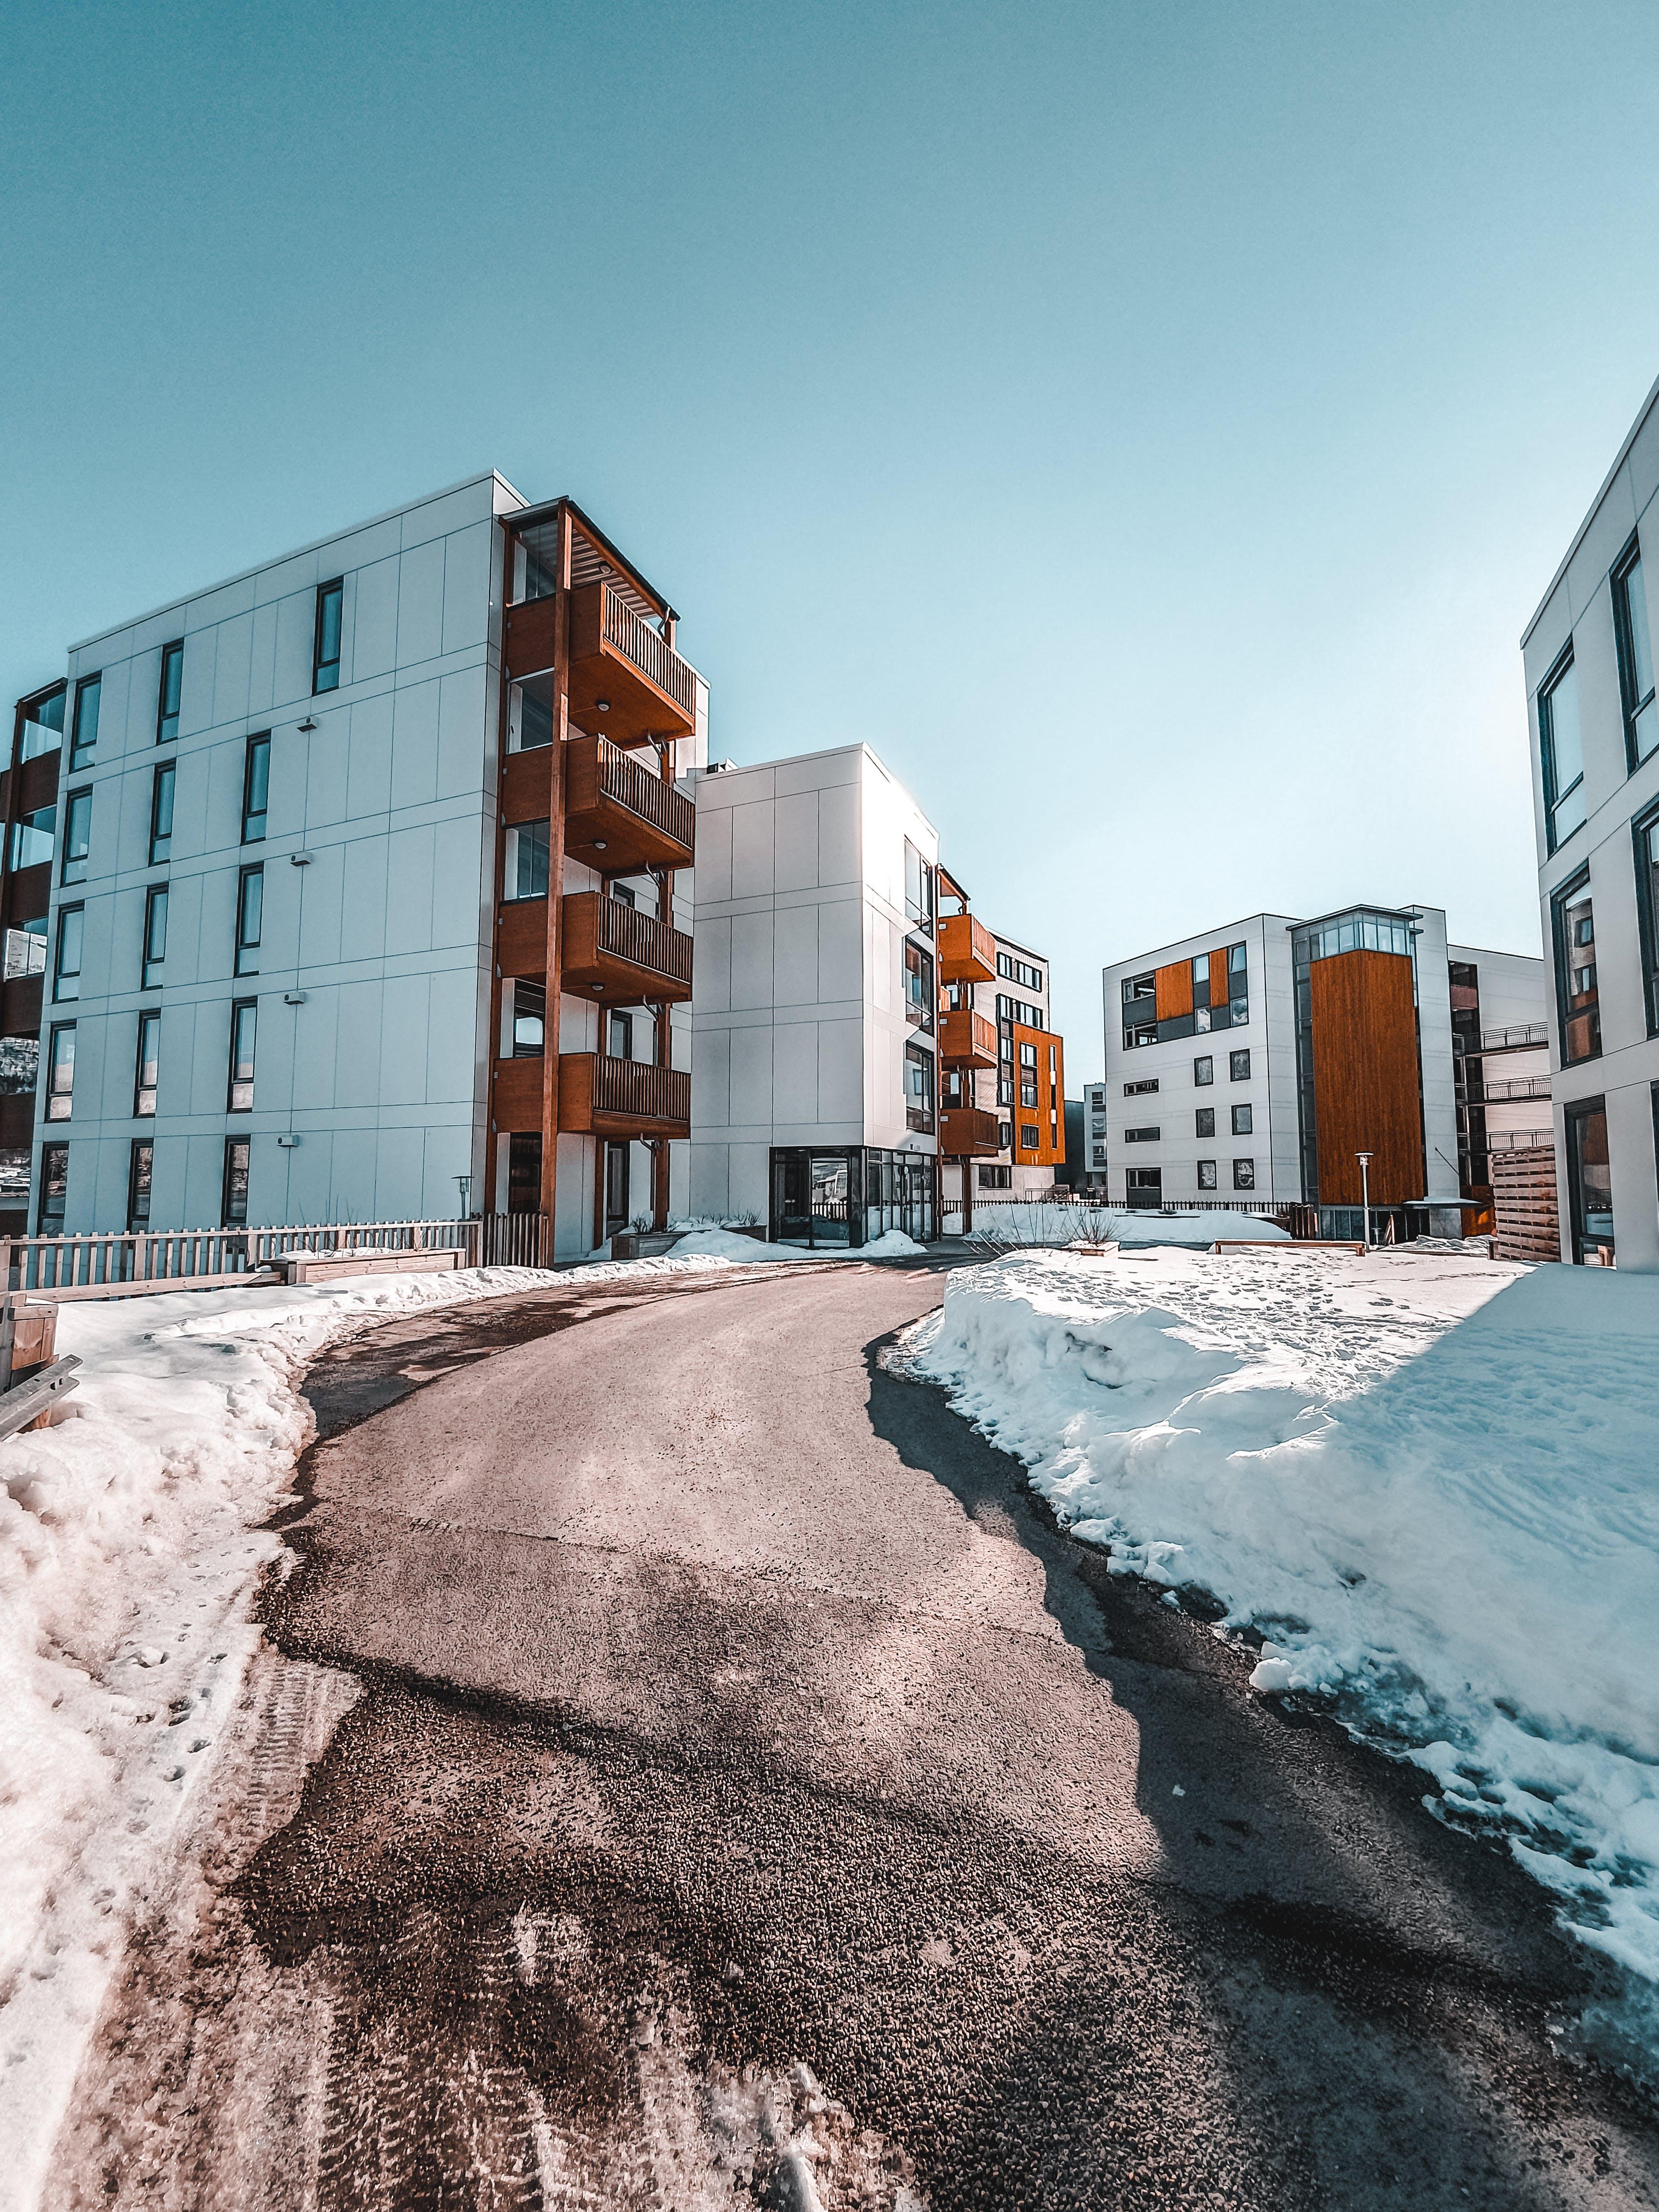 Kostenloses Stock Foto zu architektur, gebäude, innenstadt, kalt